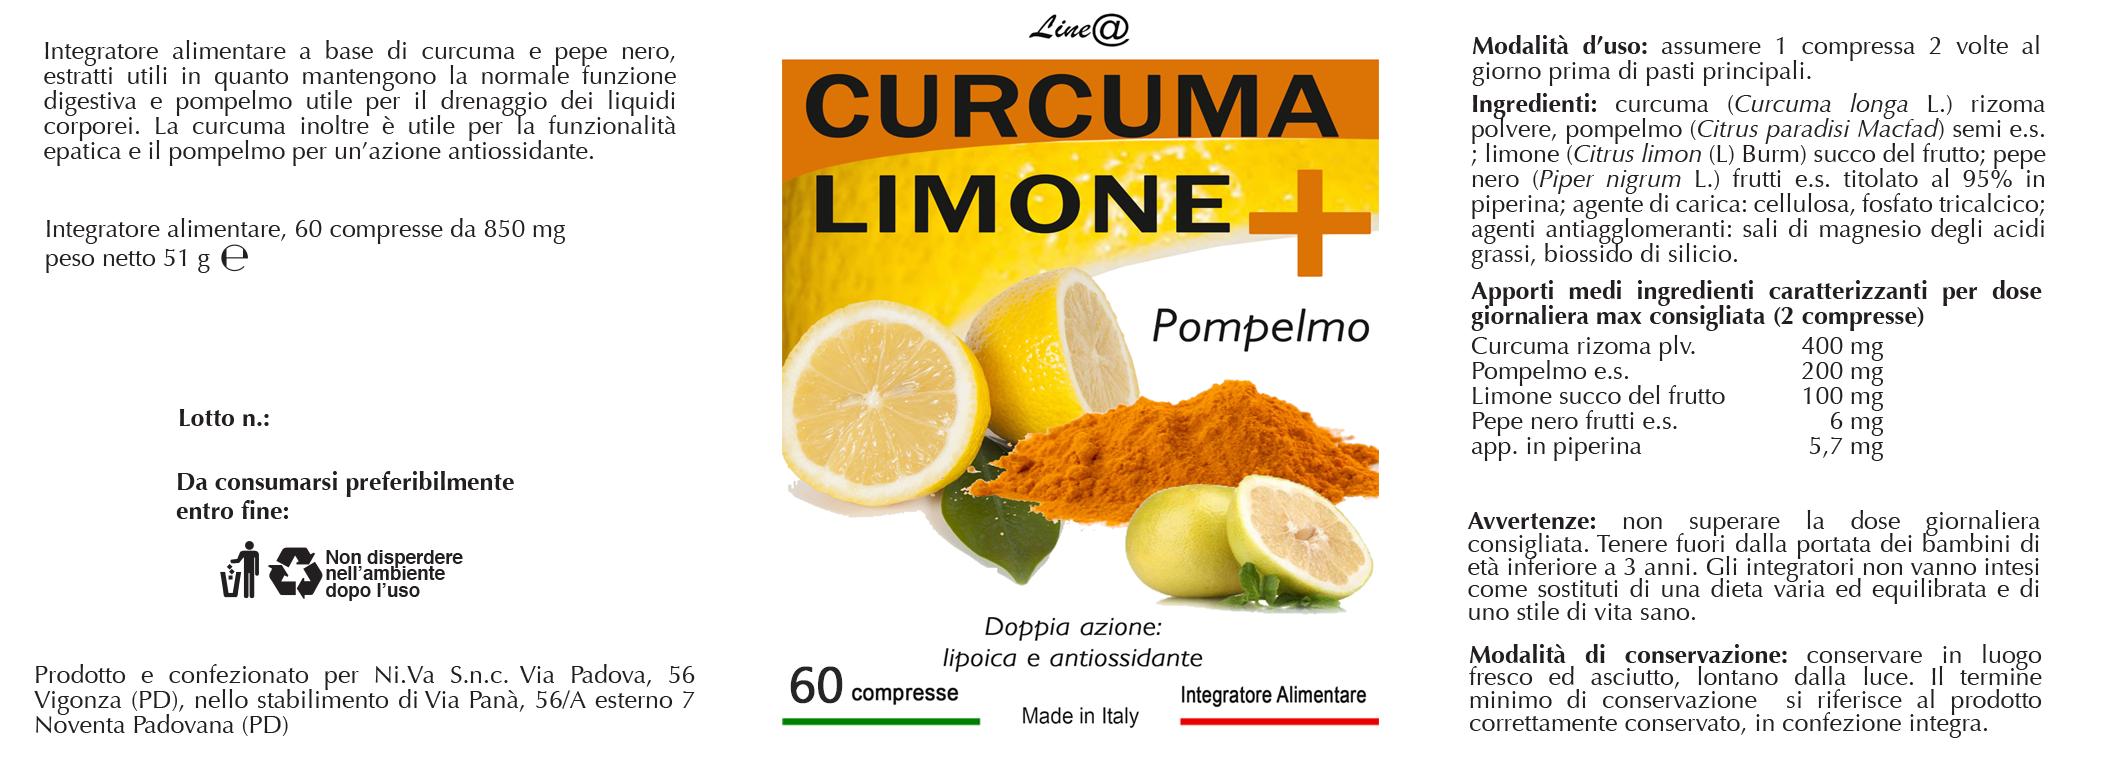 capsule di pompelmo per dimagrire